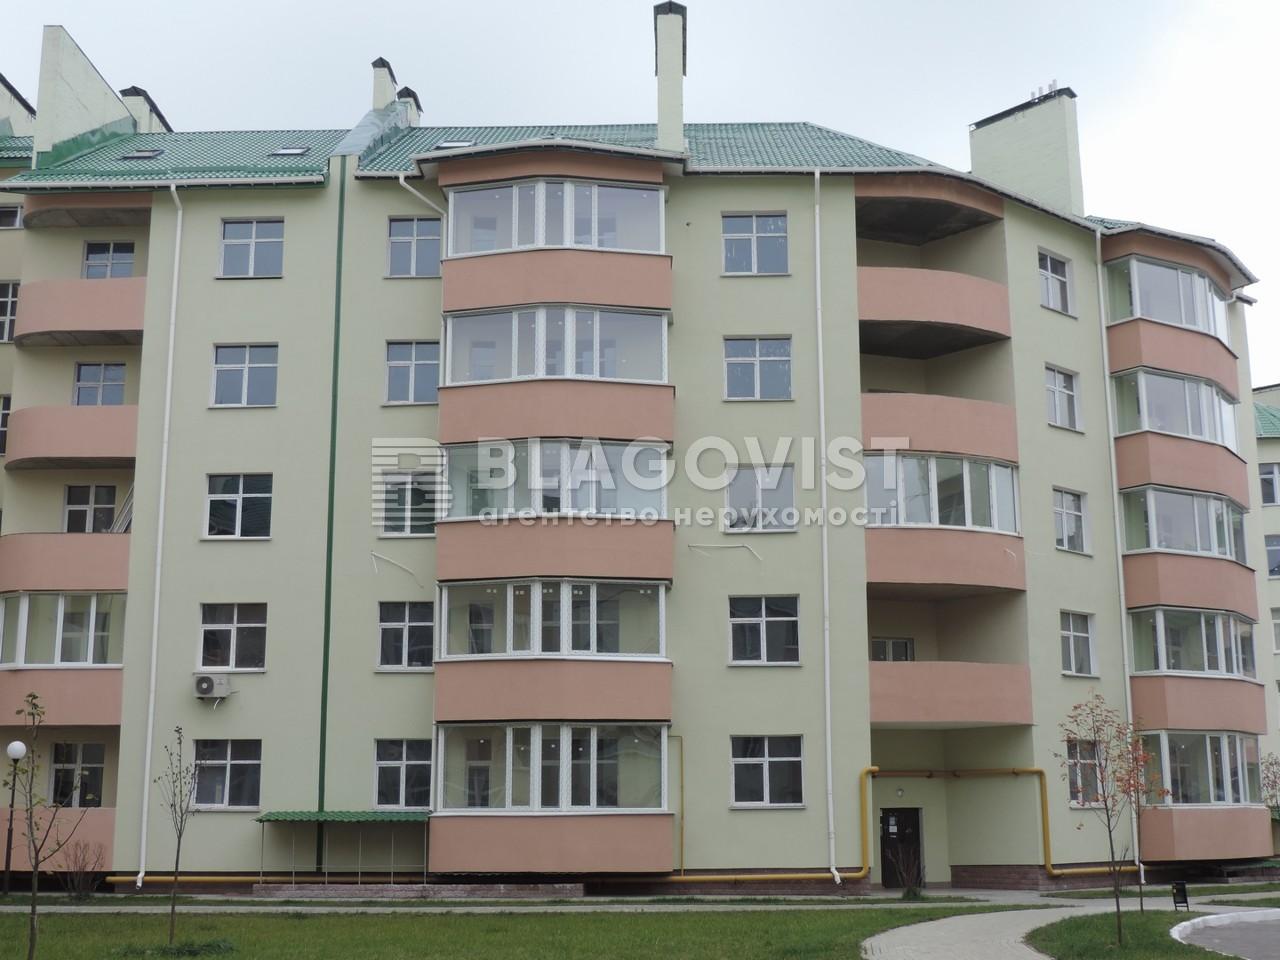 Квартира M-35970, Борщаговская, 28а, Петропавловская Борщаговка - Фото 1